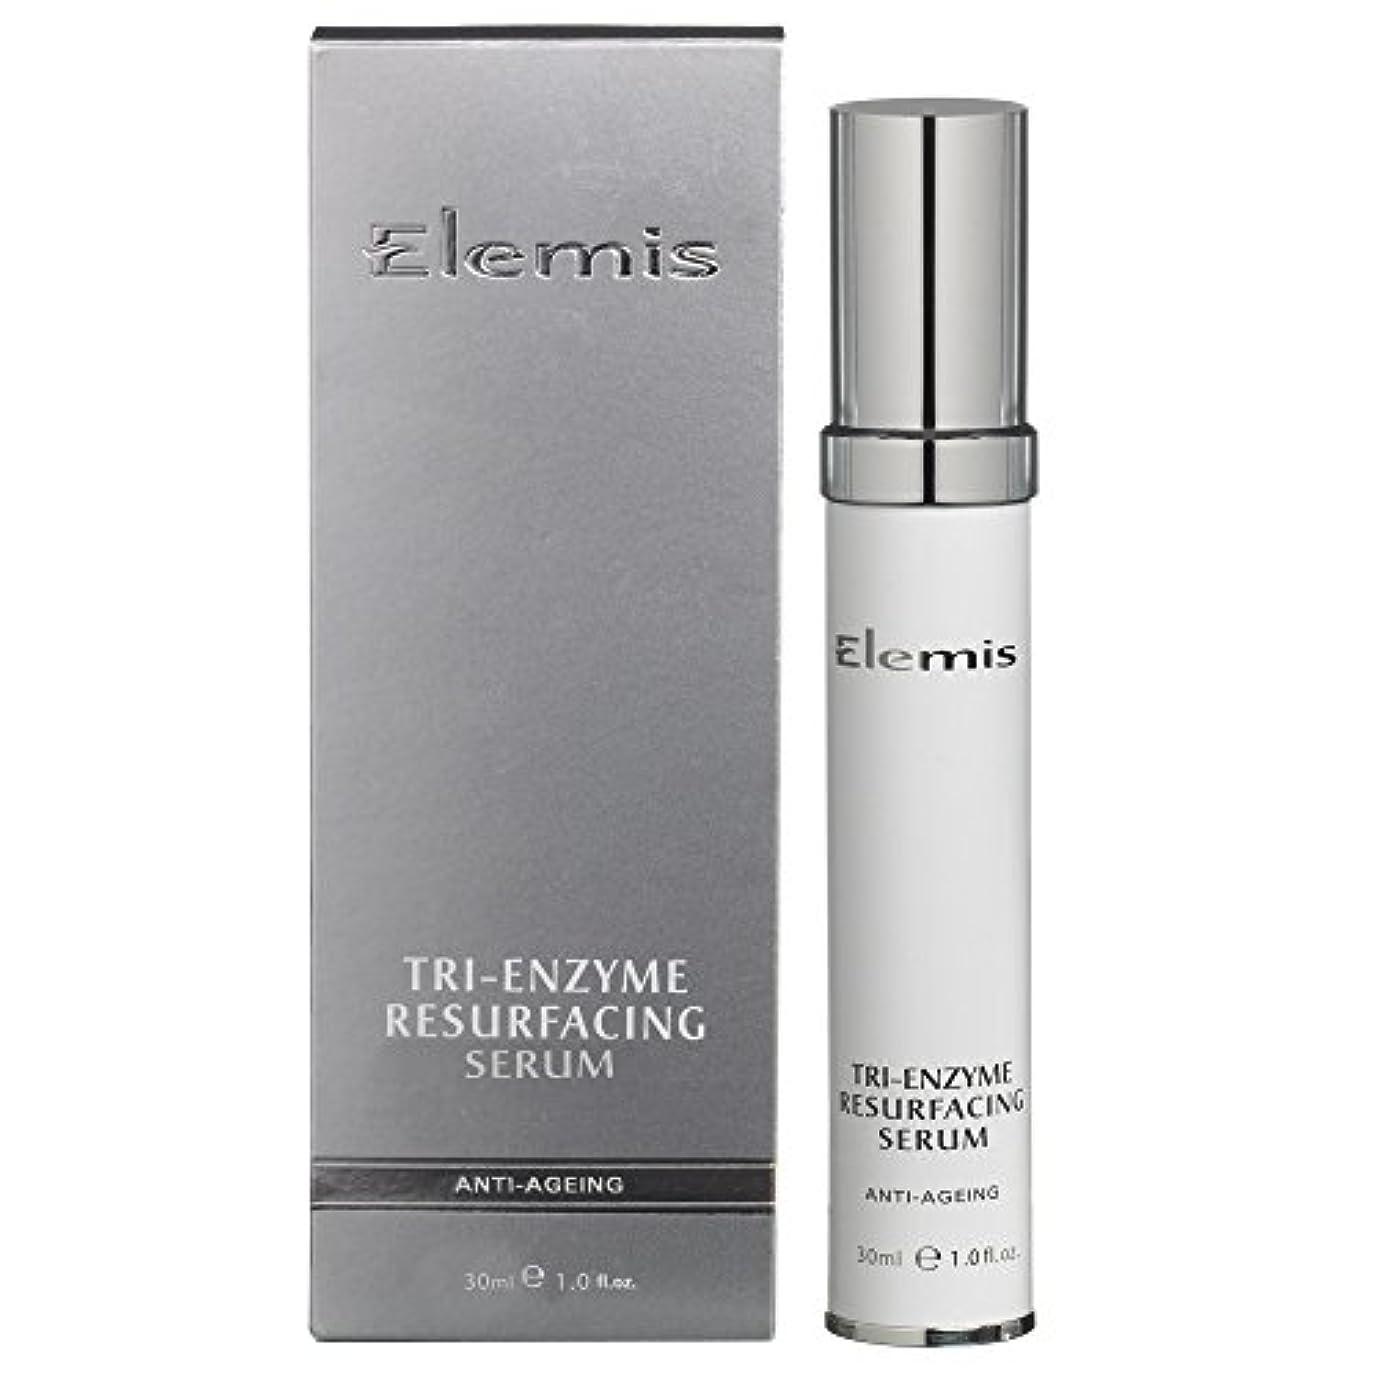 セールスマン危機法廷エレミストライ酵素リサーフェシング血清 (Elemis) - Elemis Tri-Enzyme Resurfacing Serum [並行輸入品]